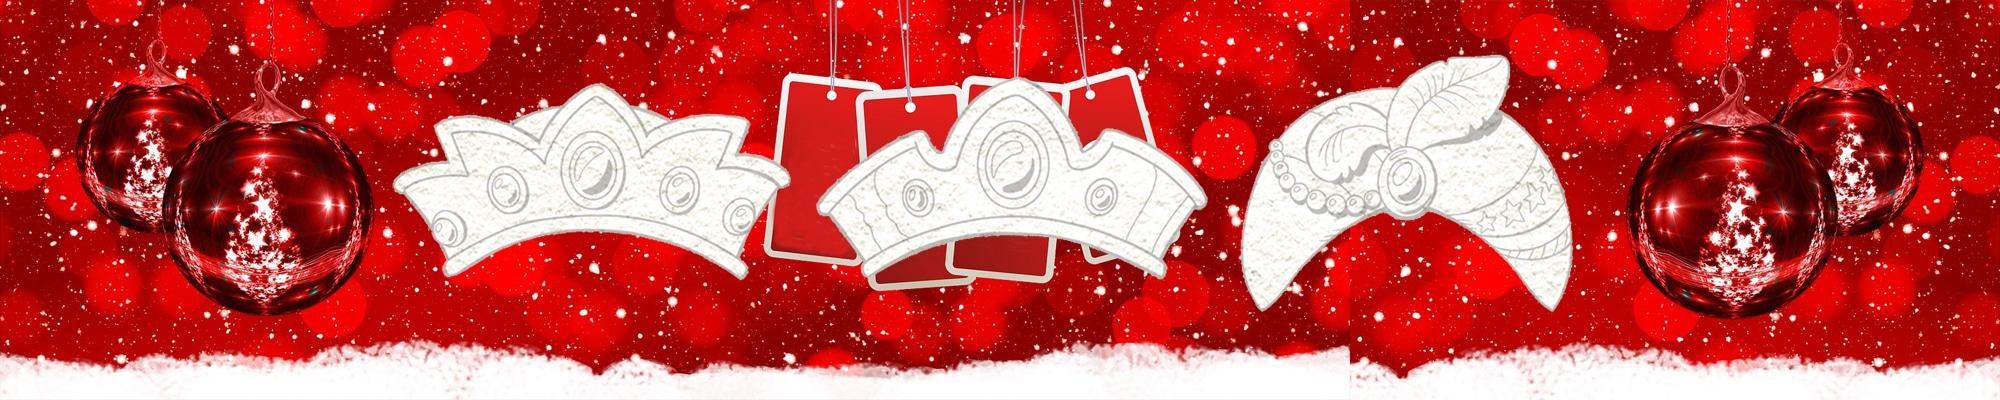 Promocion navidad Principal